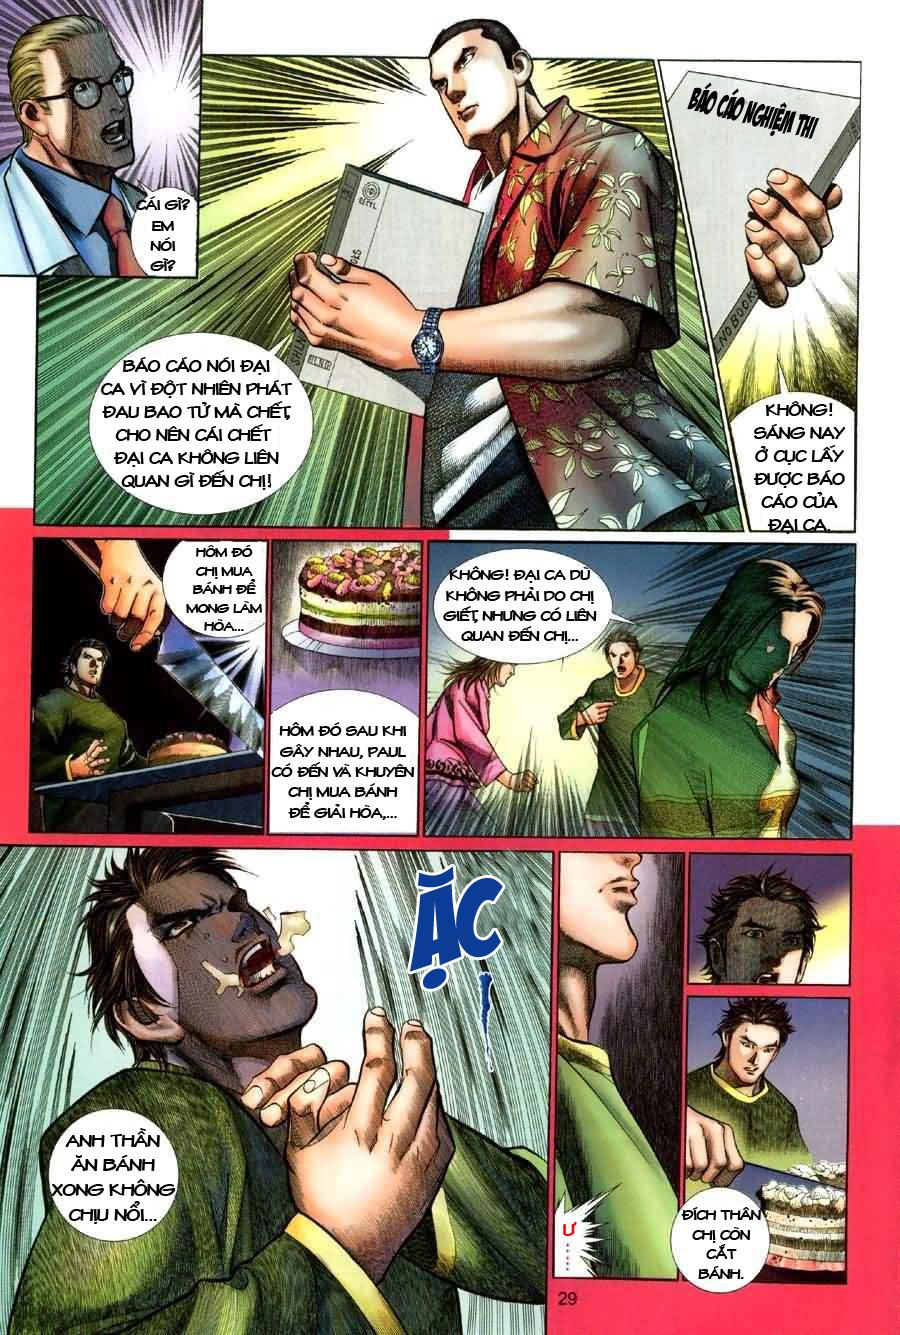 Quỷ Mộ chap 001 trang 29